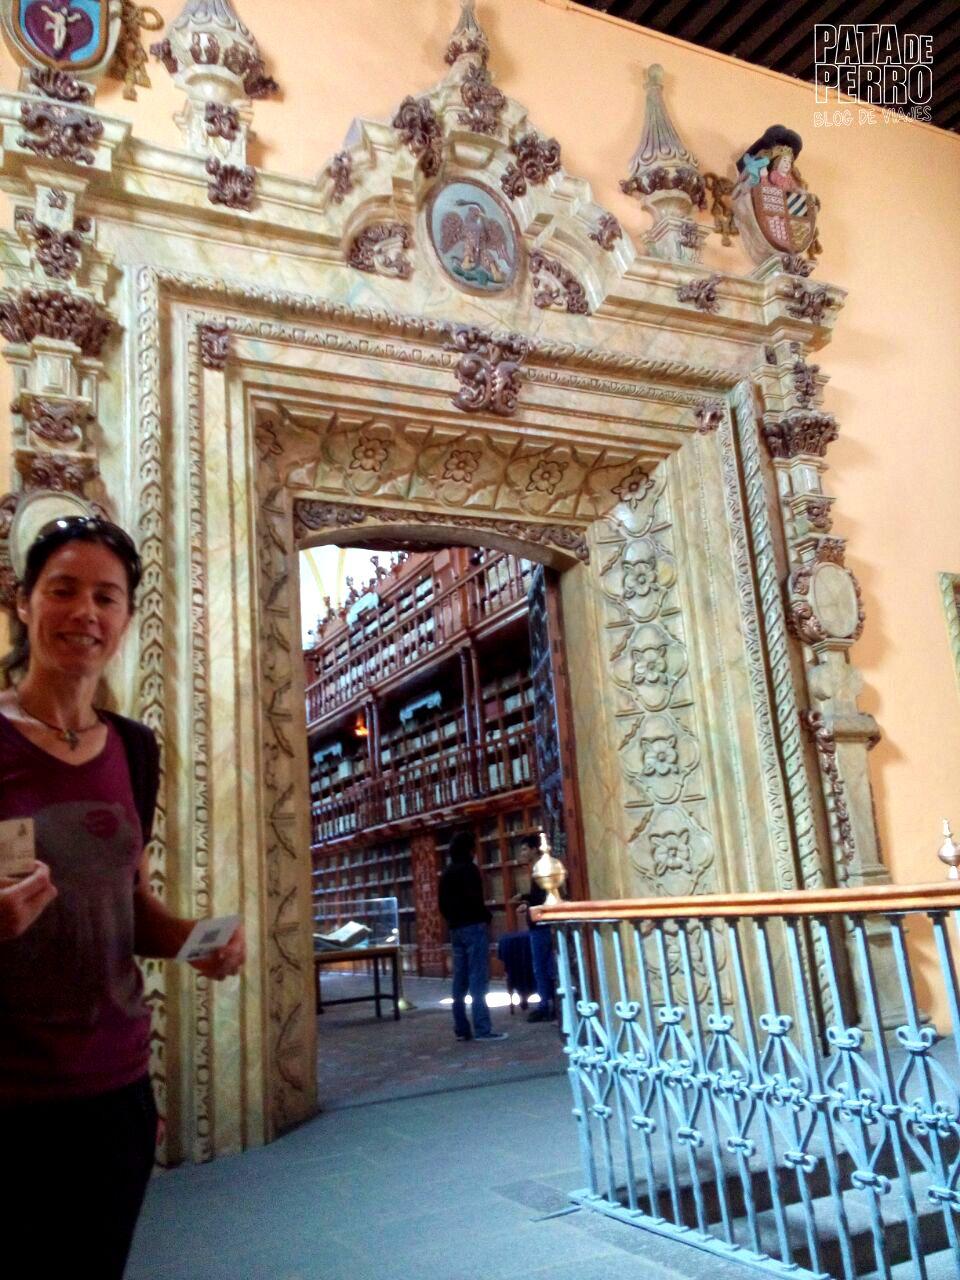 biblioteca-palafoxiana-la-primera-biblioteca-publica-de-america-pata-de-perro-blog-de-viajes-puebla-mexico-01-jpg